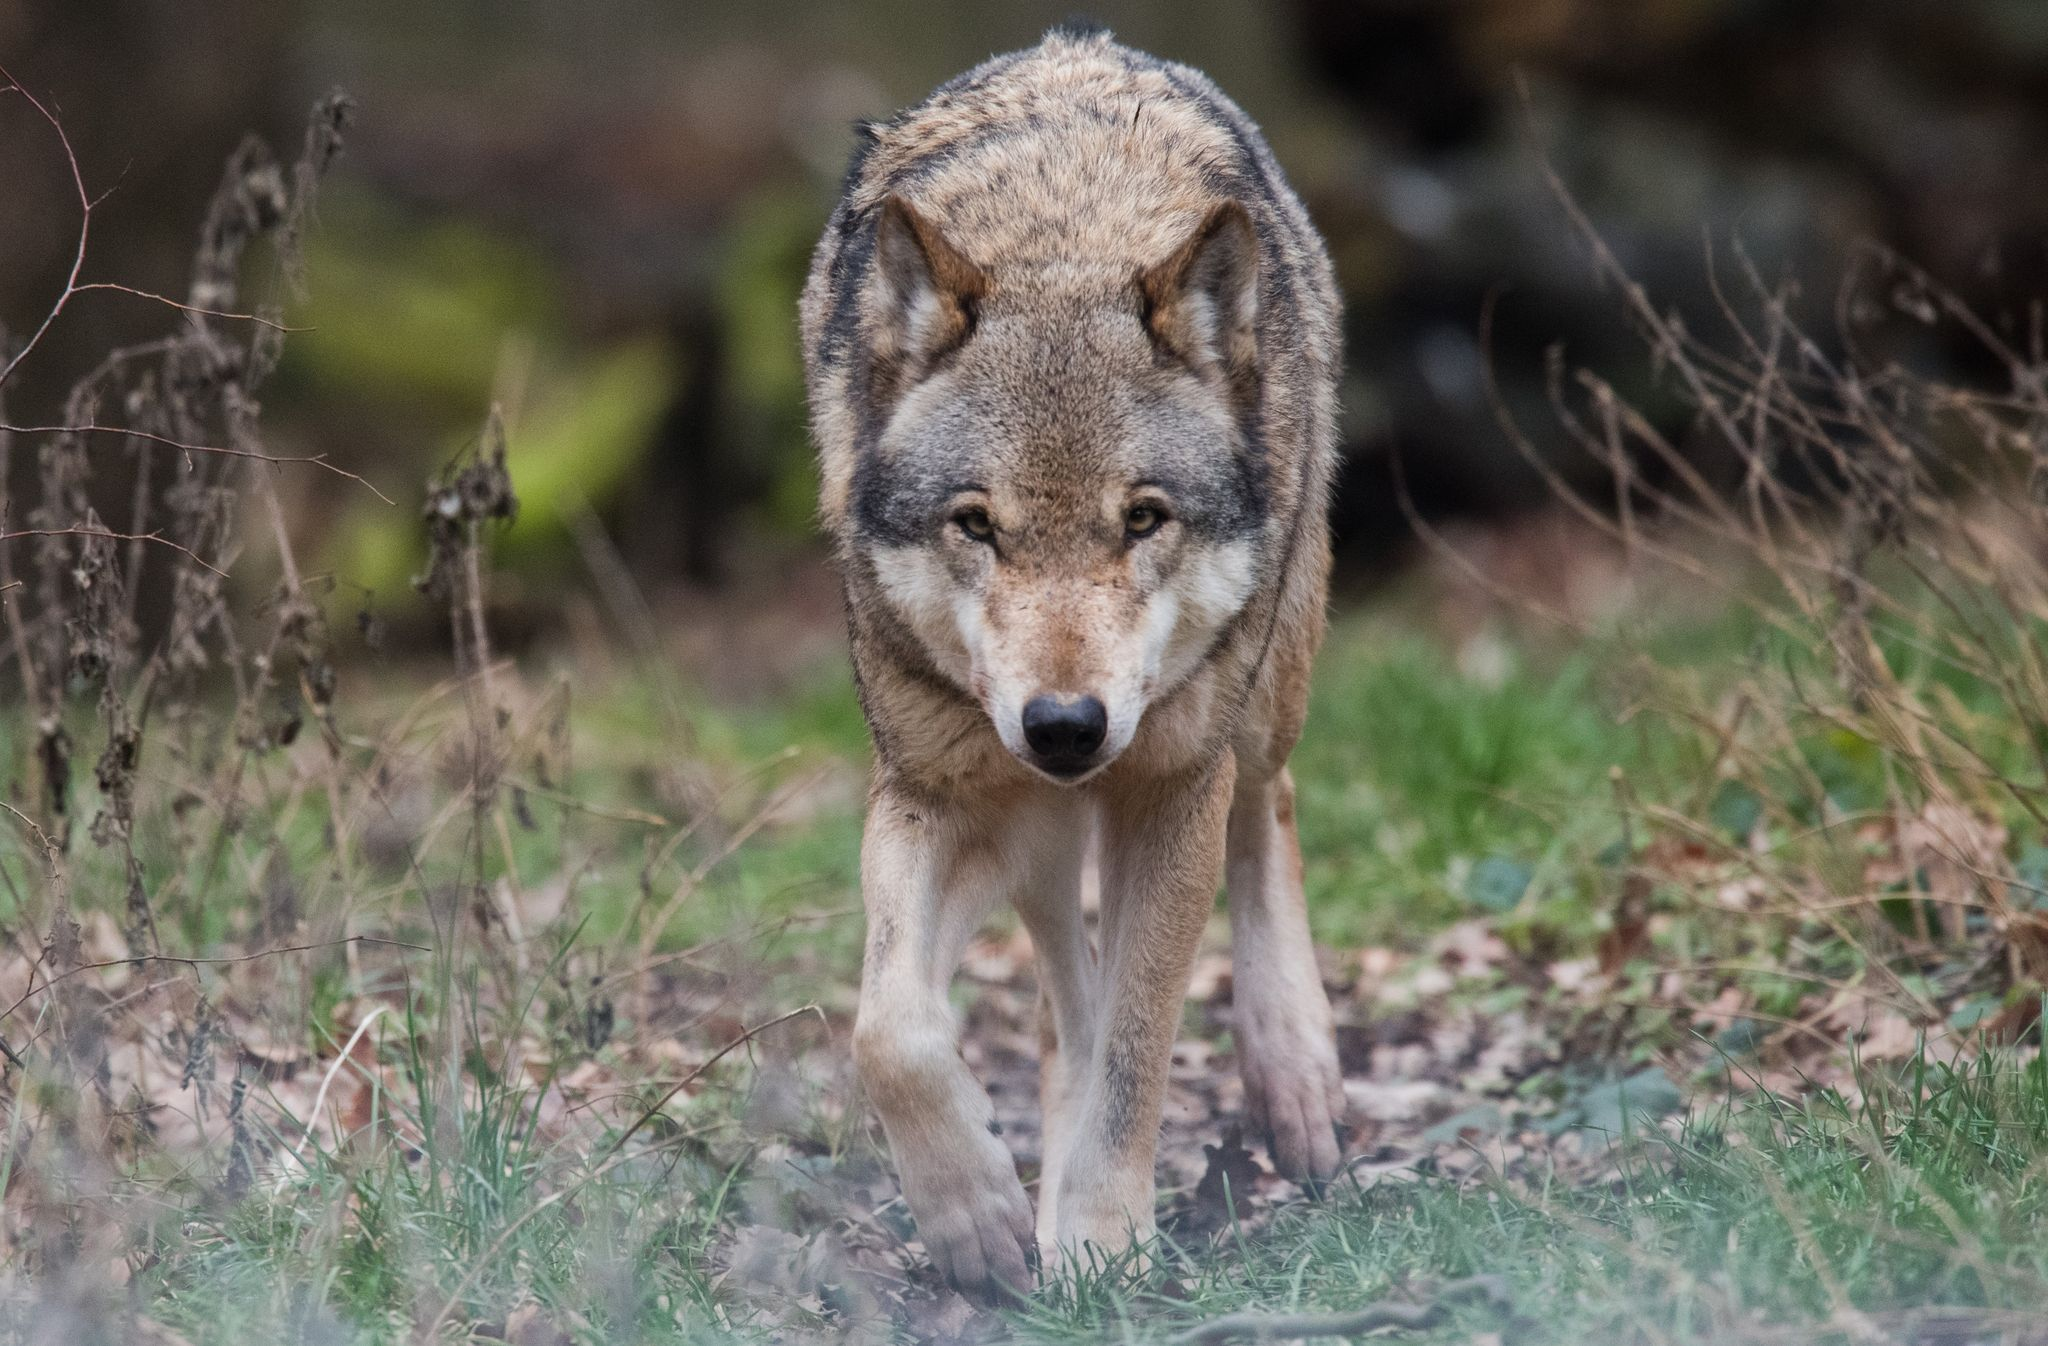 Zwei Wölfen aus den Rudeln bei Ebstorf und Eschede waren mehrere Risse von Schafen nachgewiesen worden. Foto: dpa